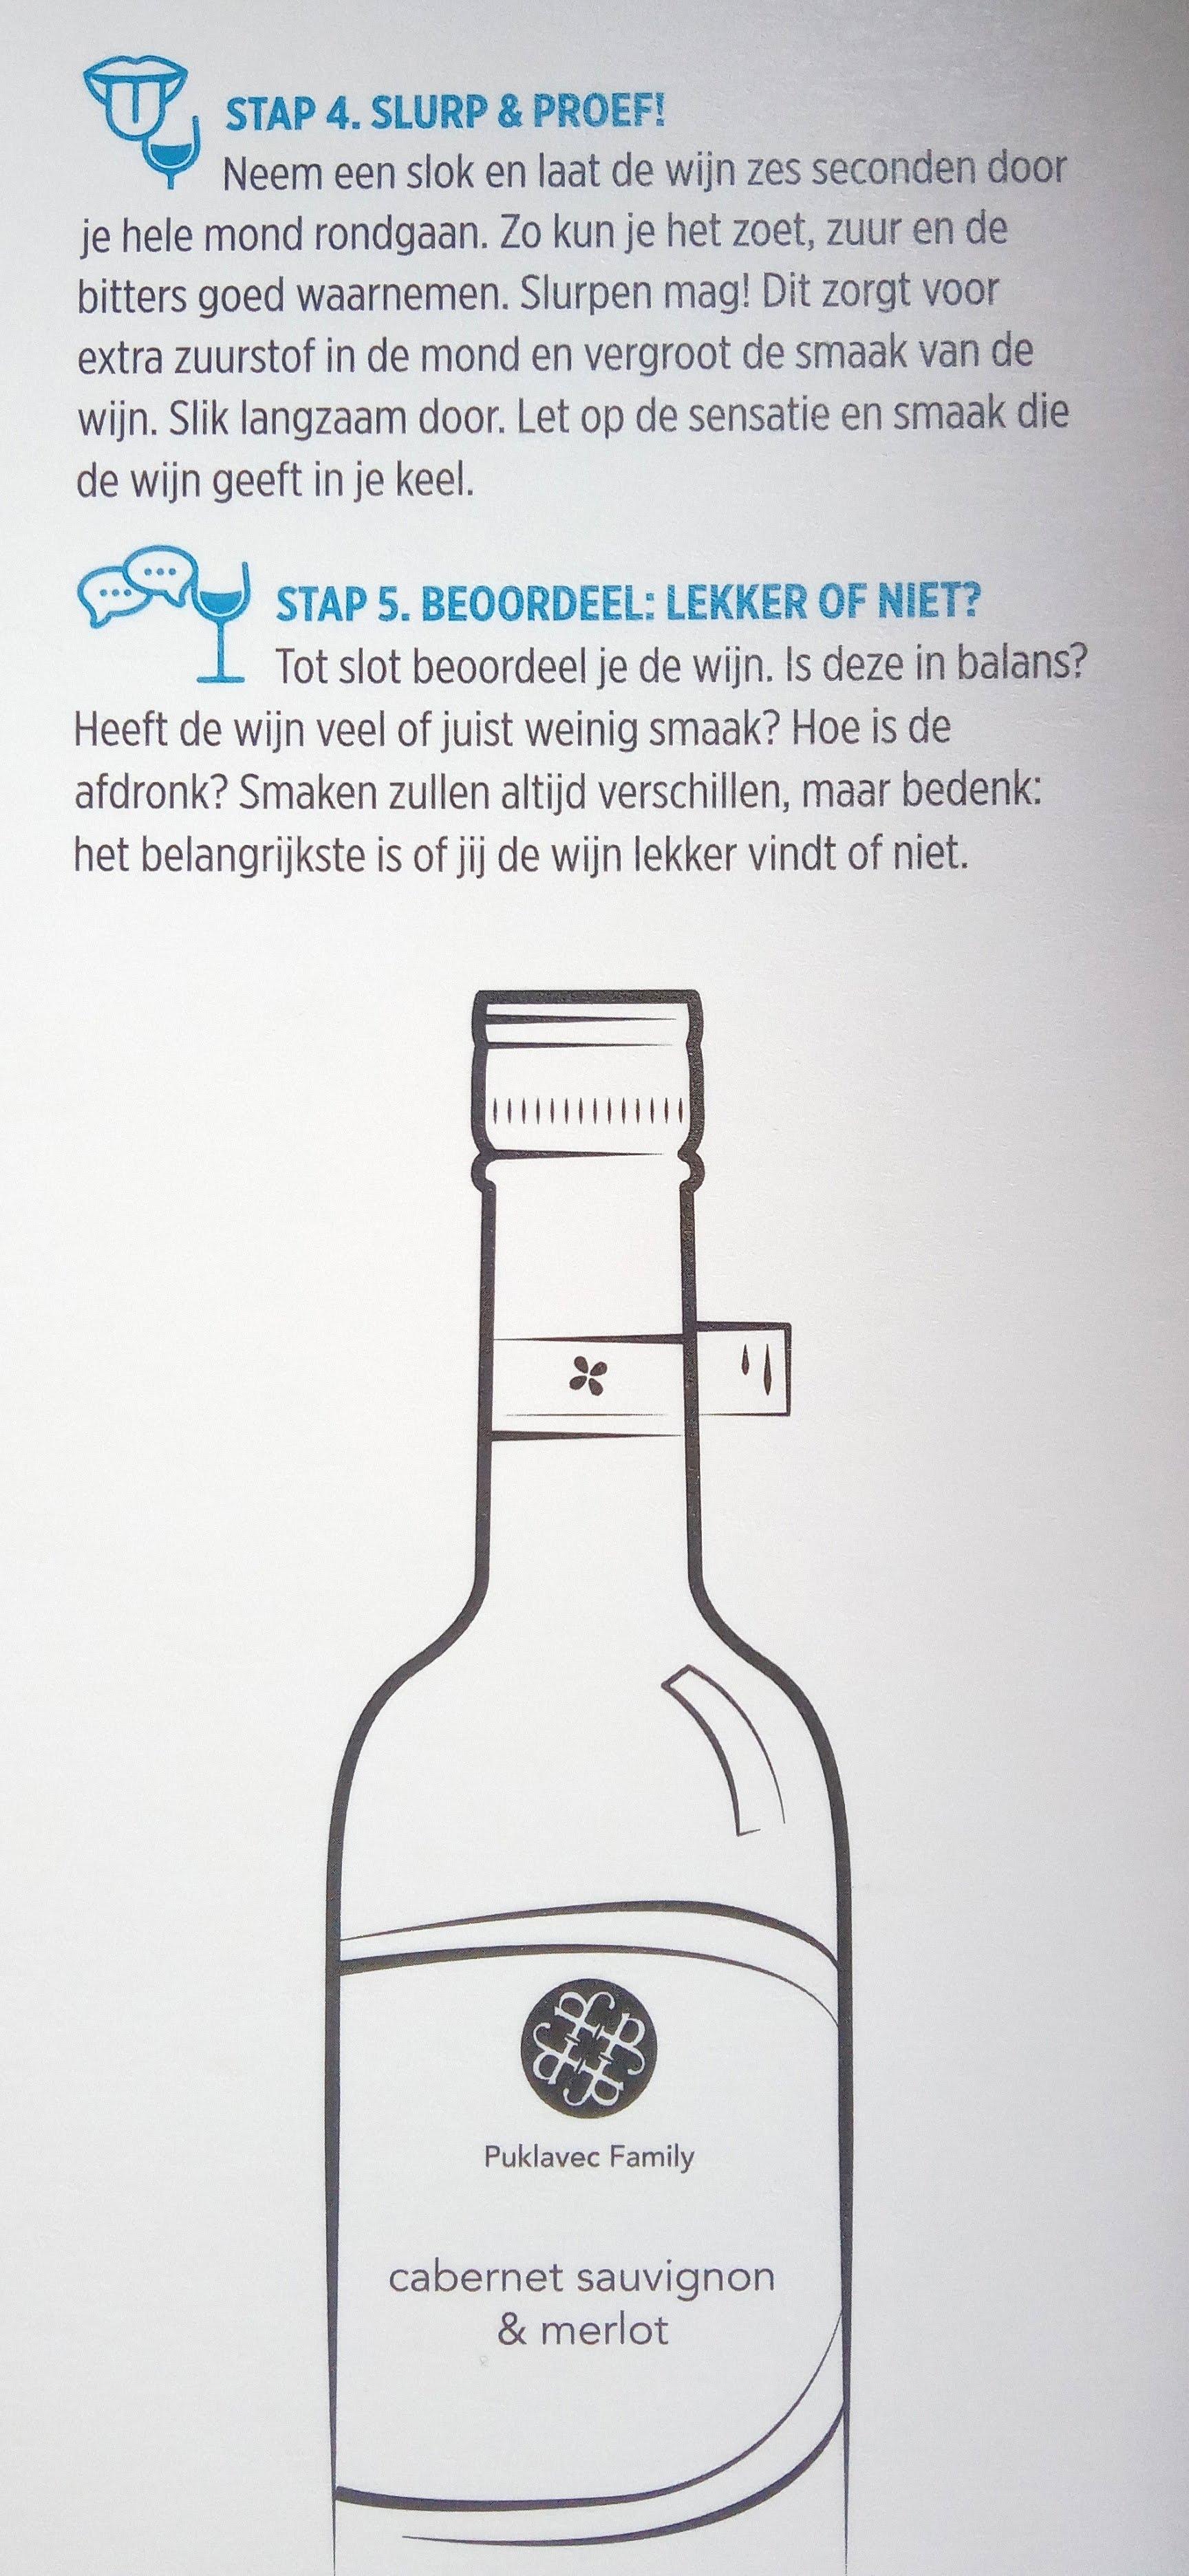 wijn proeven volgens albert heijn slurp en proef, beoordeel lekker of niet